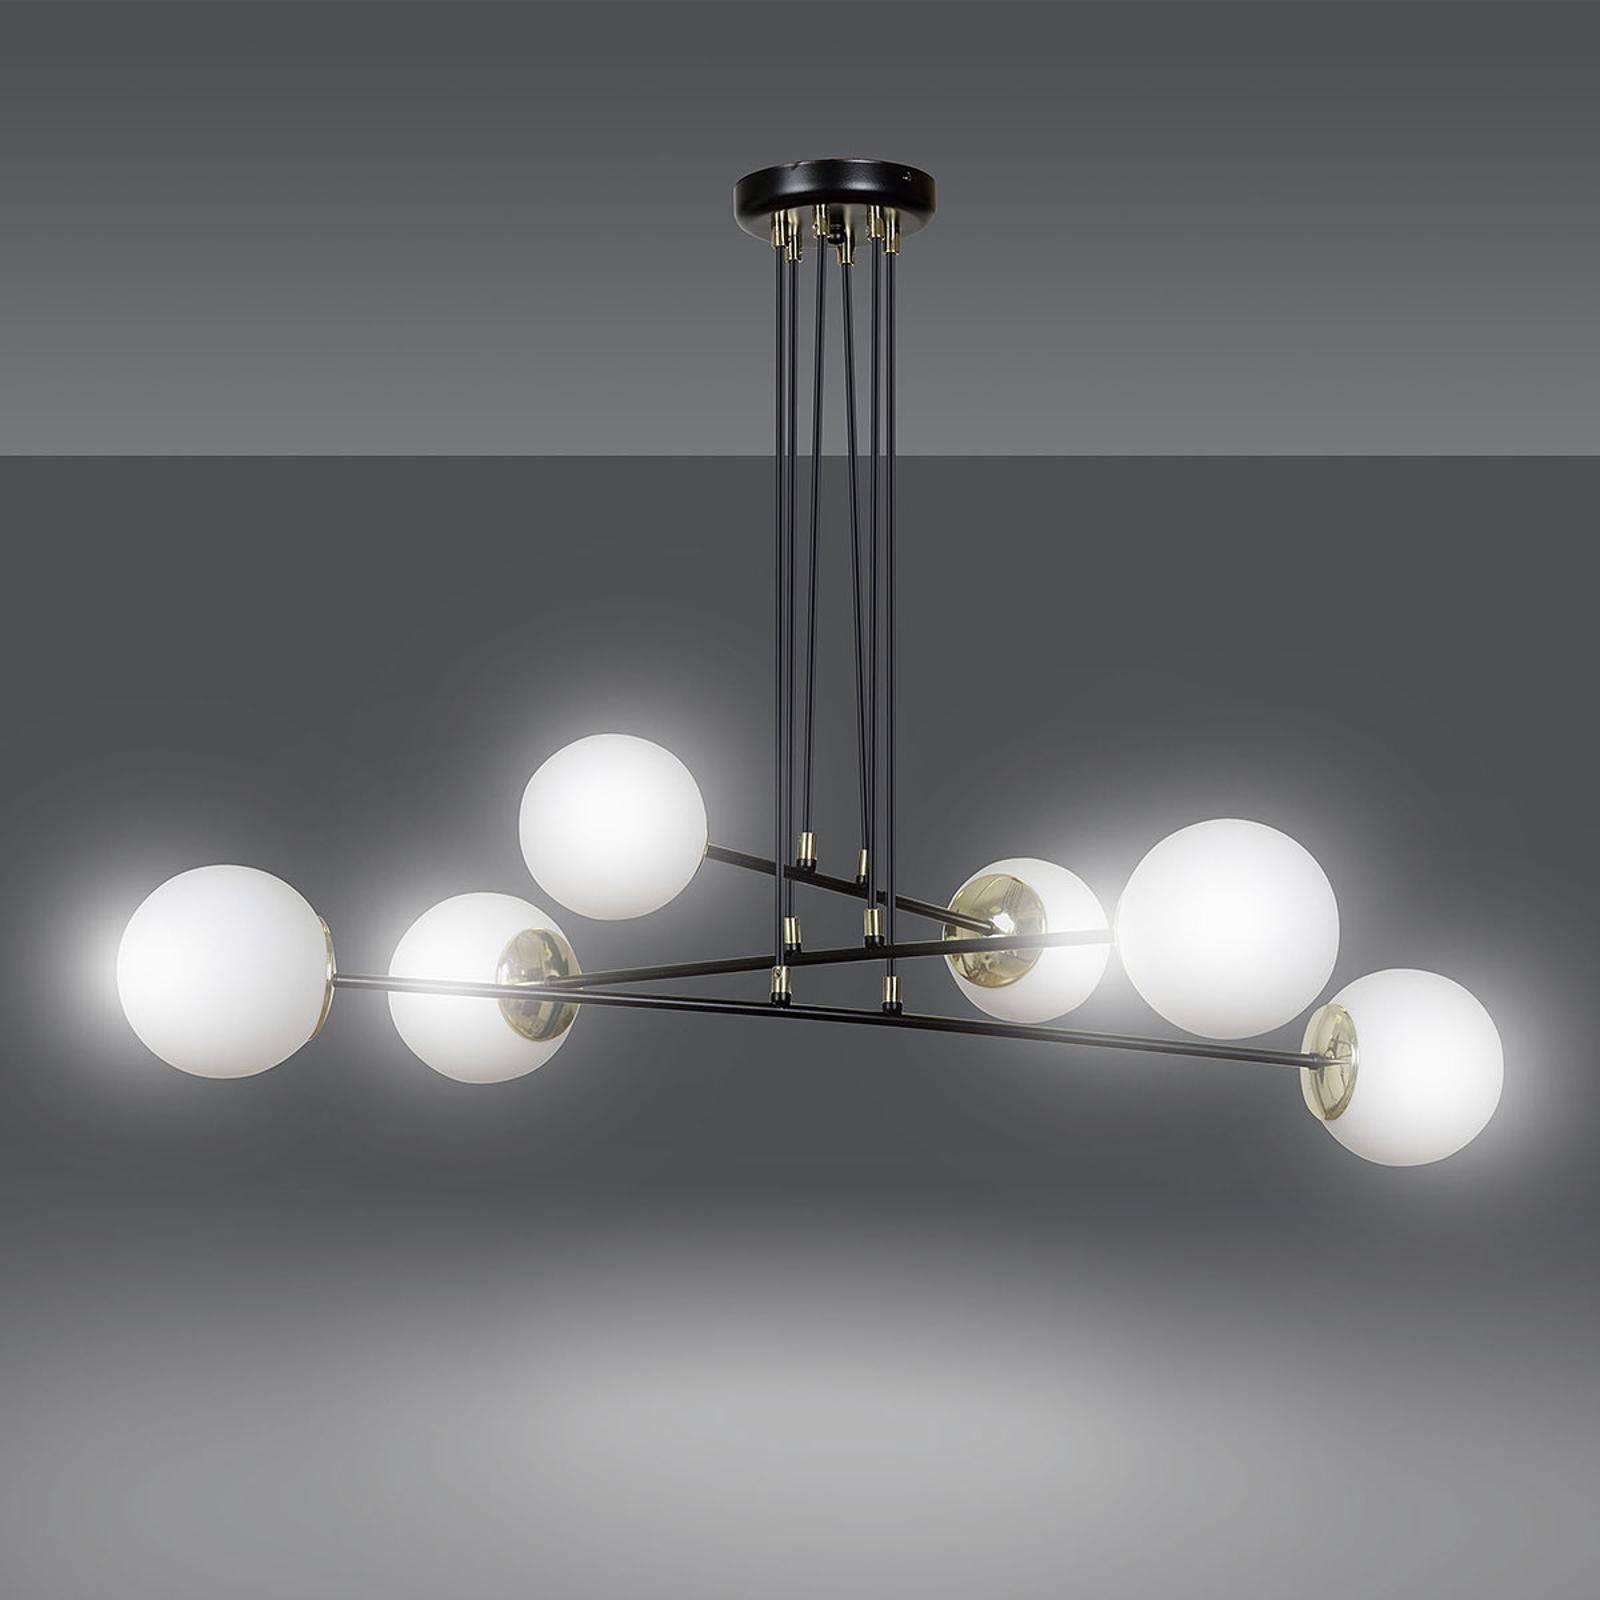 Lampa wisząca Ognis 6, 6-punktowa, czarna/złota